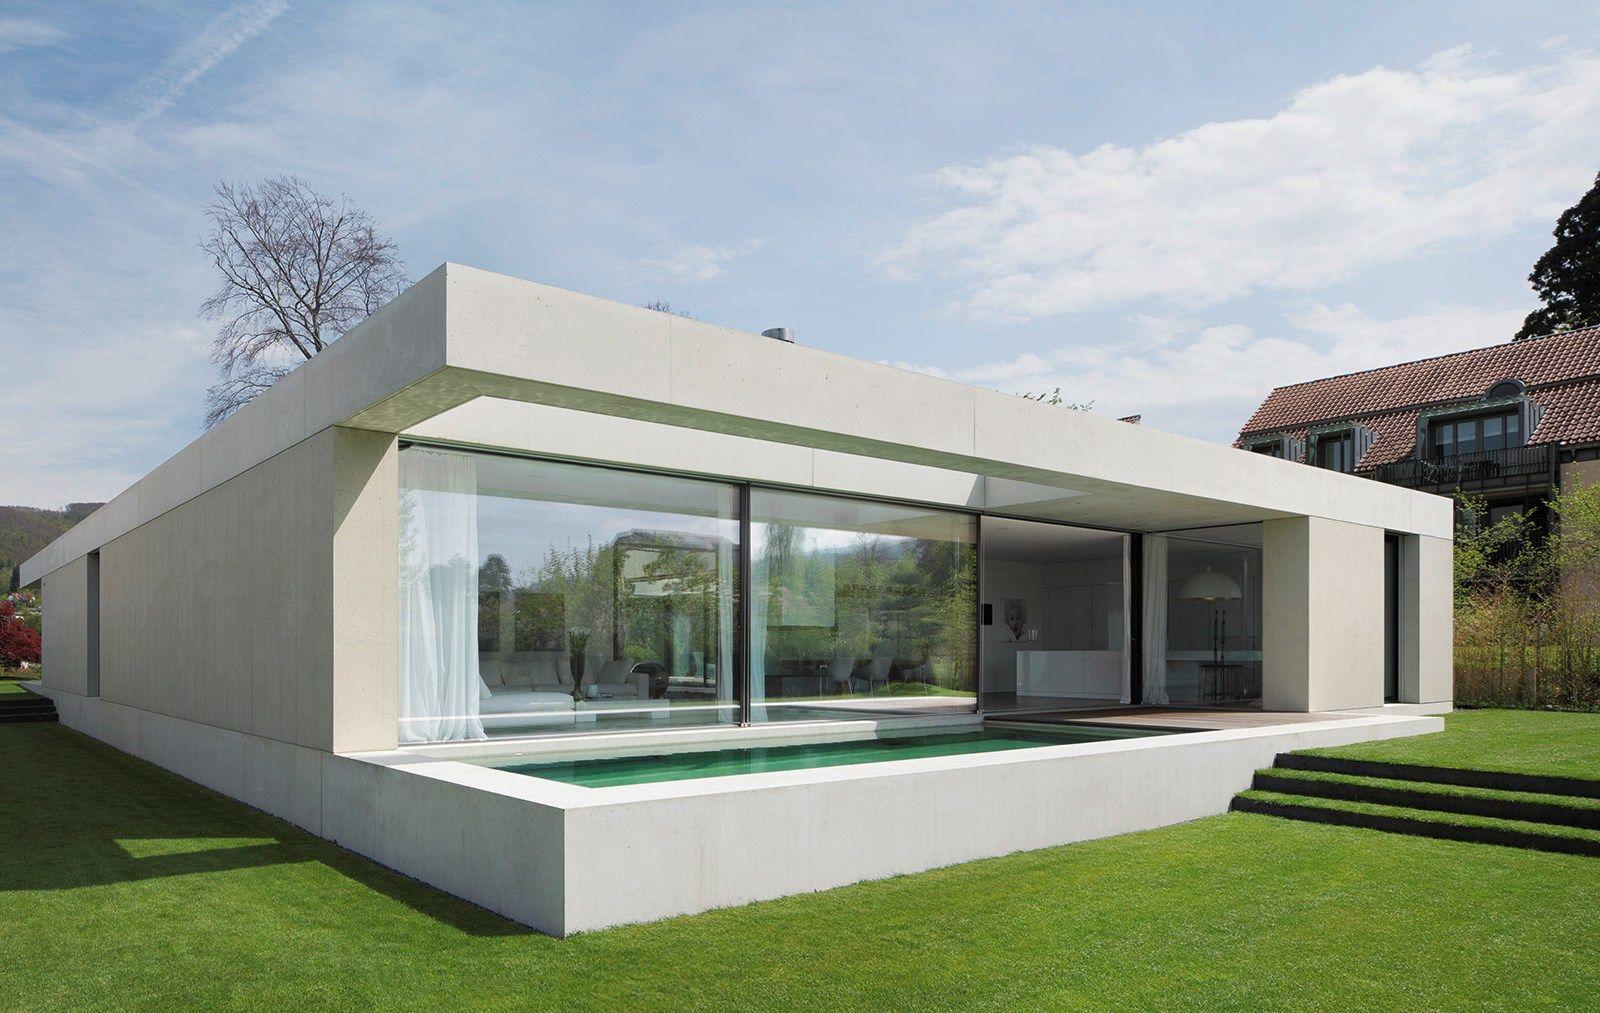 garten tom bisig villa atrium arlesheim kren architektur ag bungalow pinterest. Black Bedroom Furniture Sets. Home Design Ideas